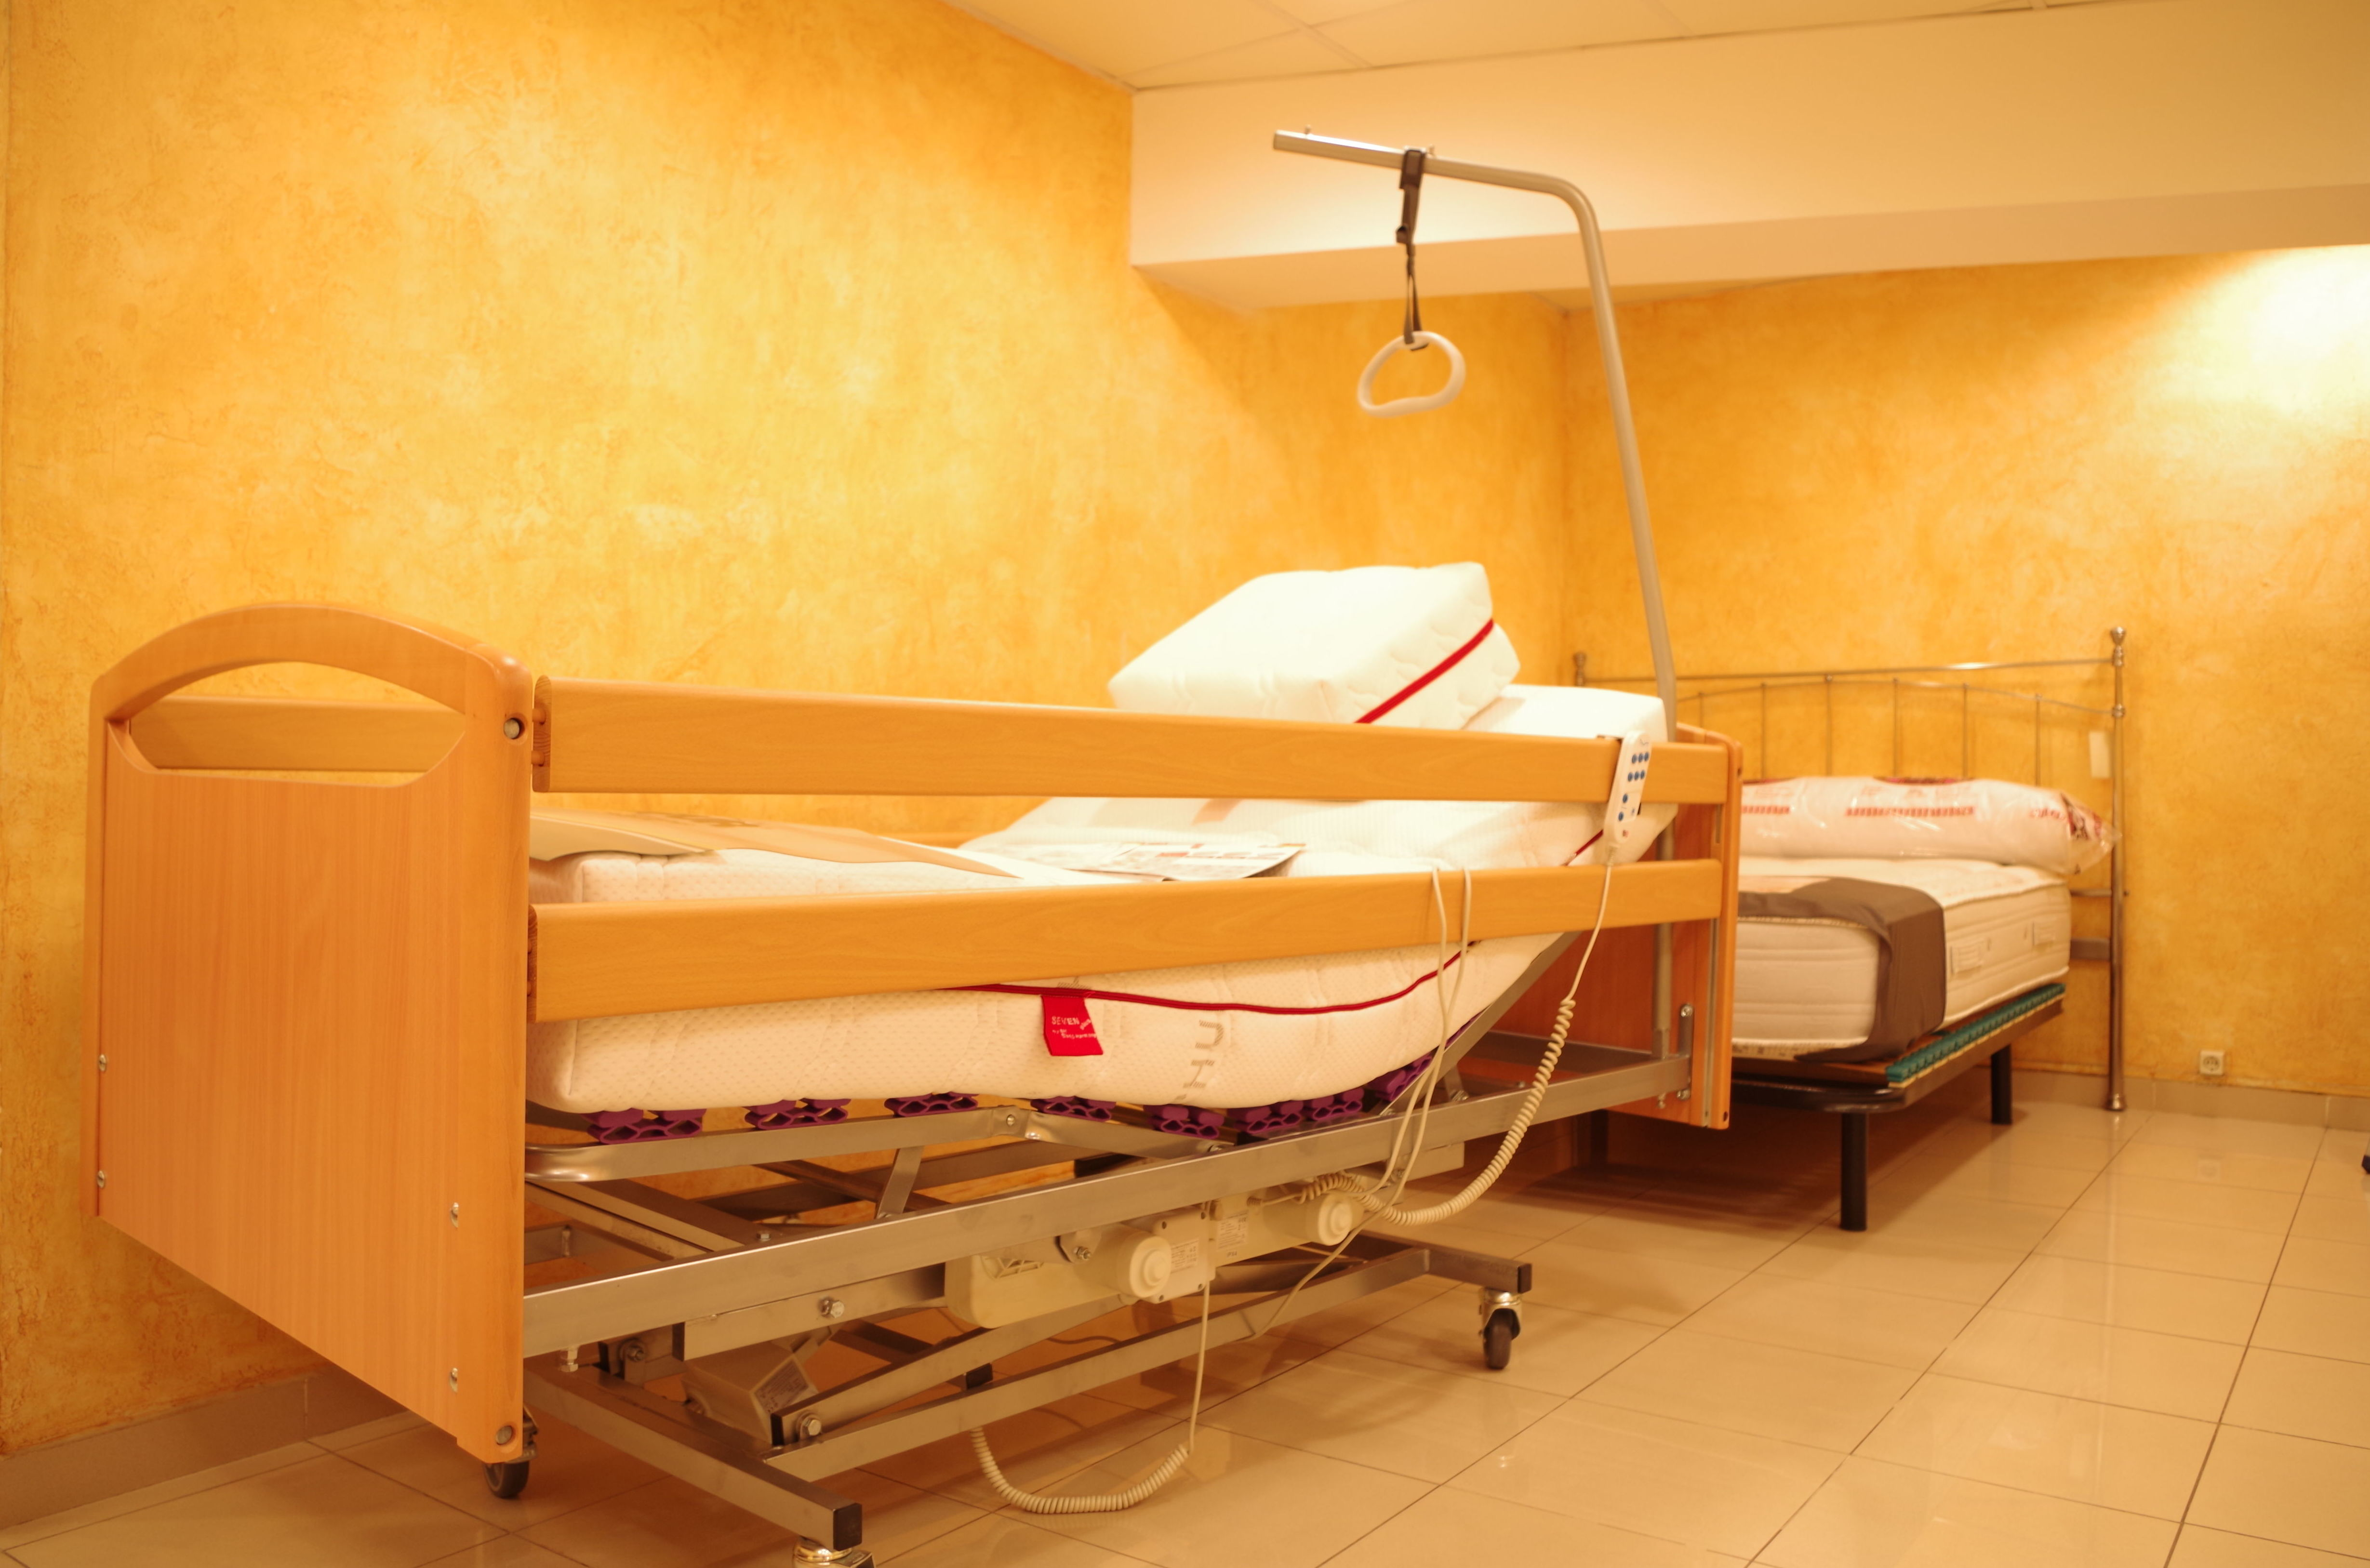 Camas articuladas especiales para enfermos